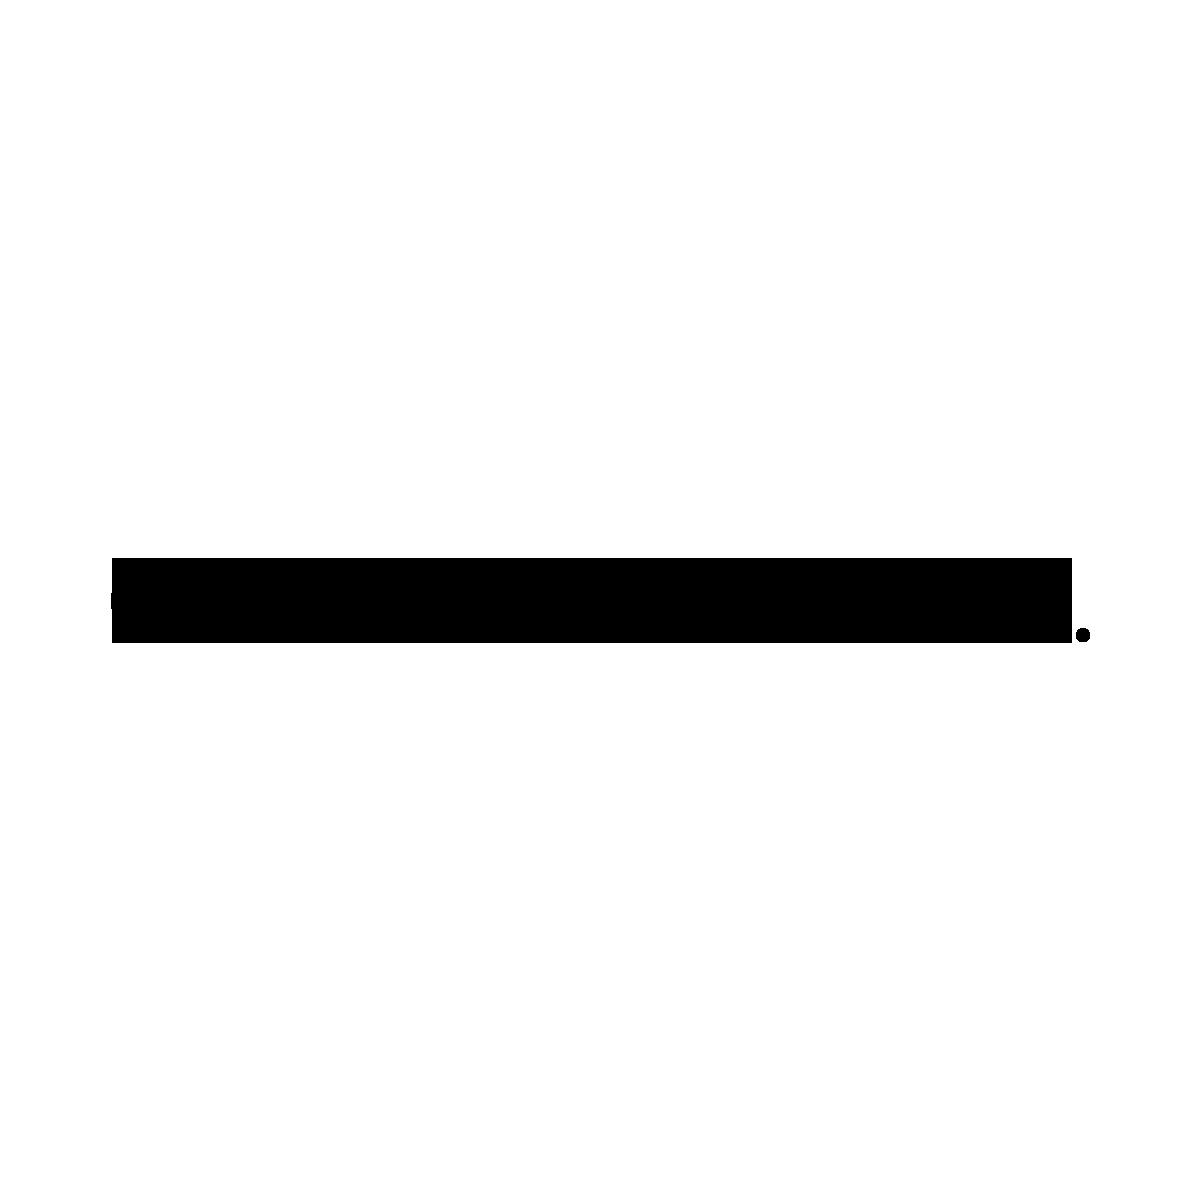 Mouwloze top gebroken wit